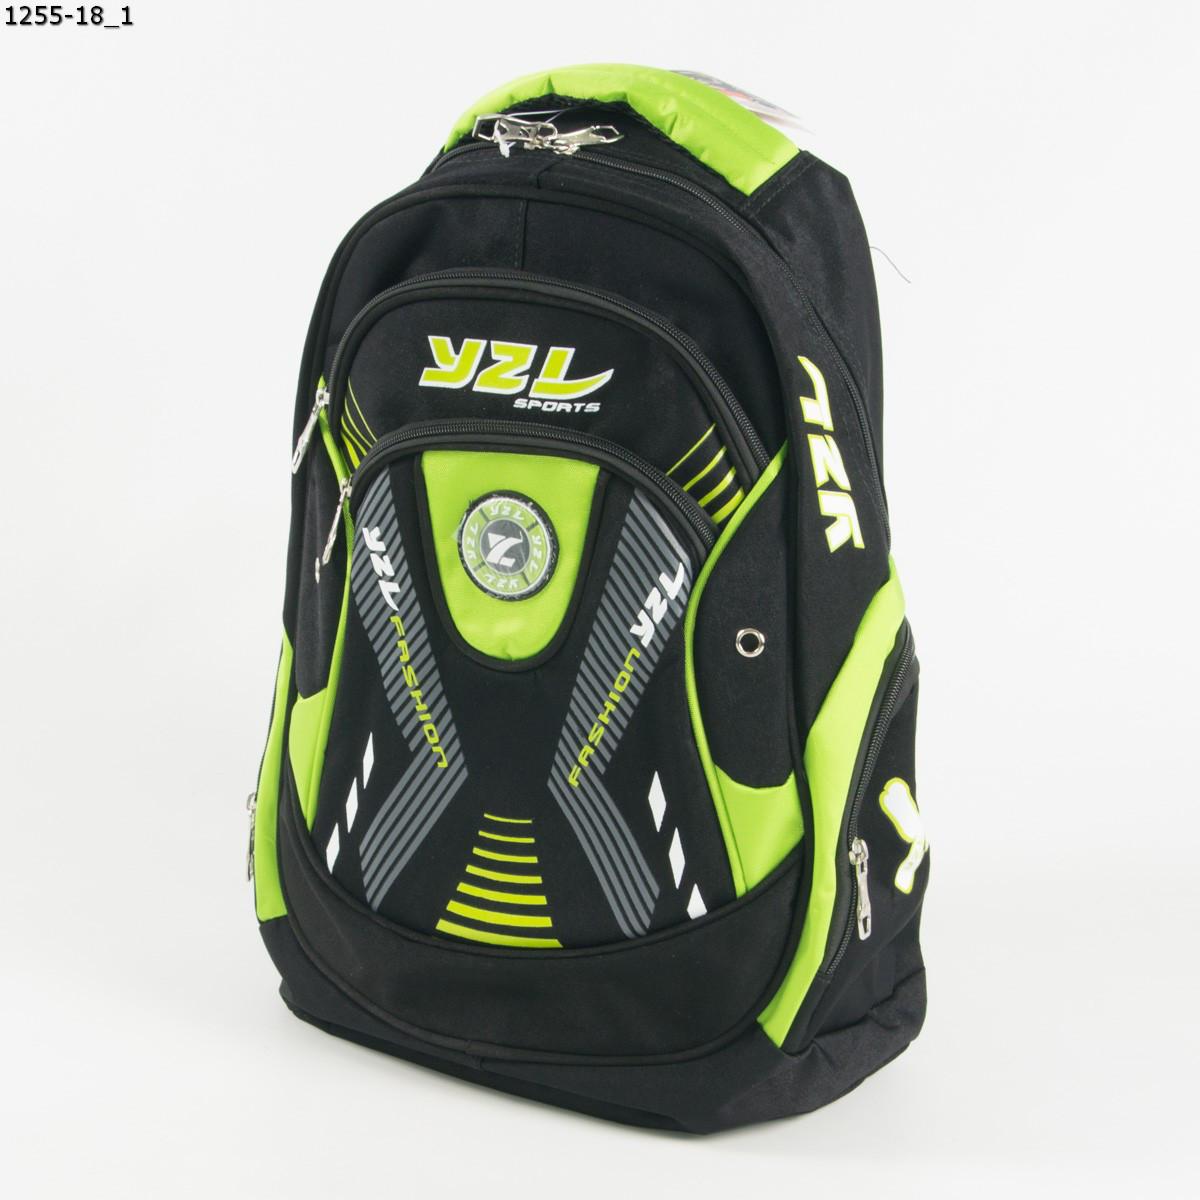 Спортивный рюкзак YZL - черный с салатовым - 1255-18